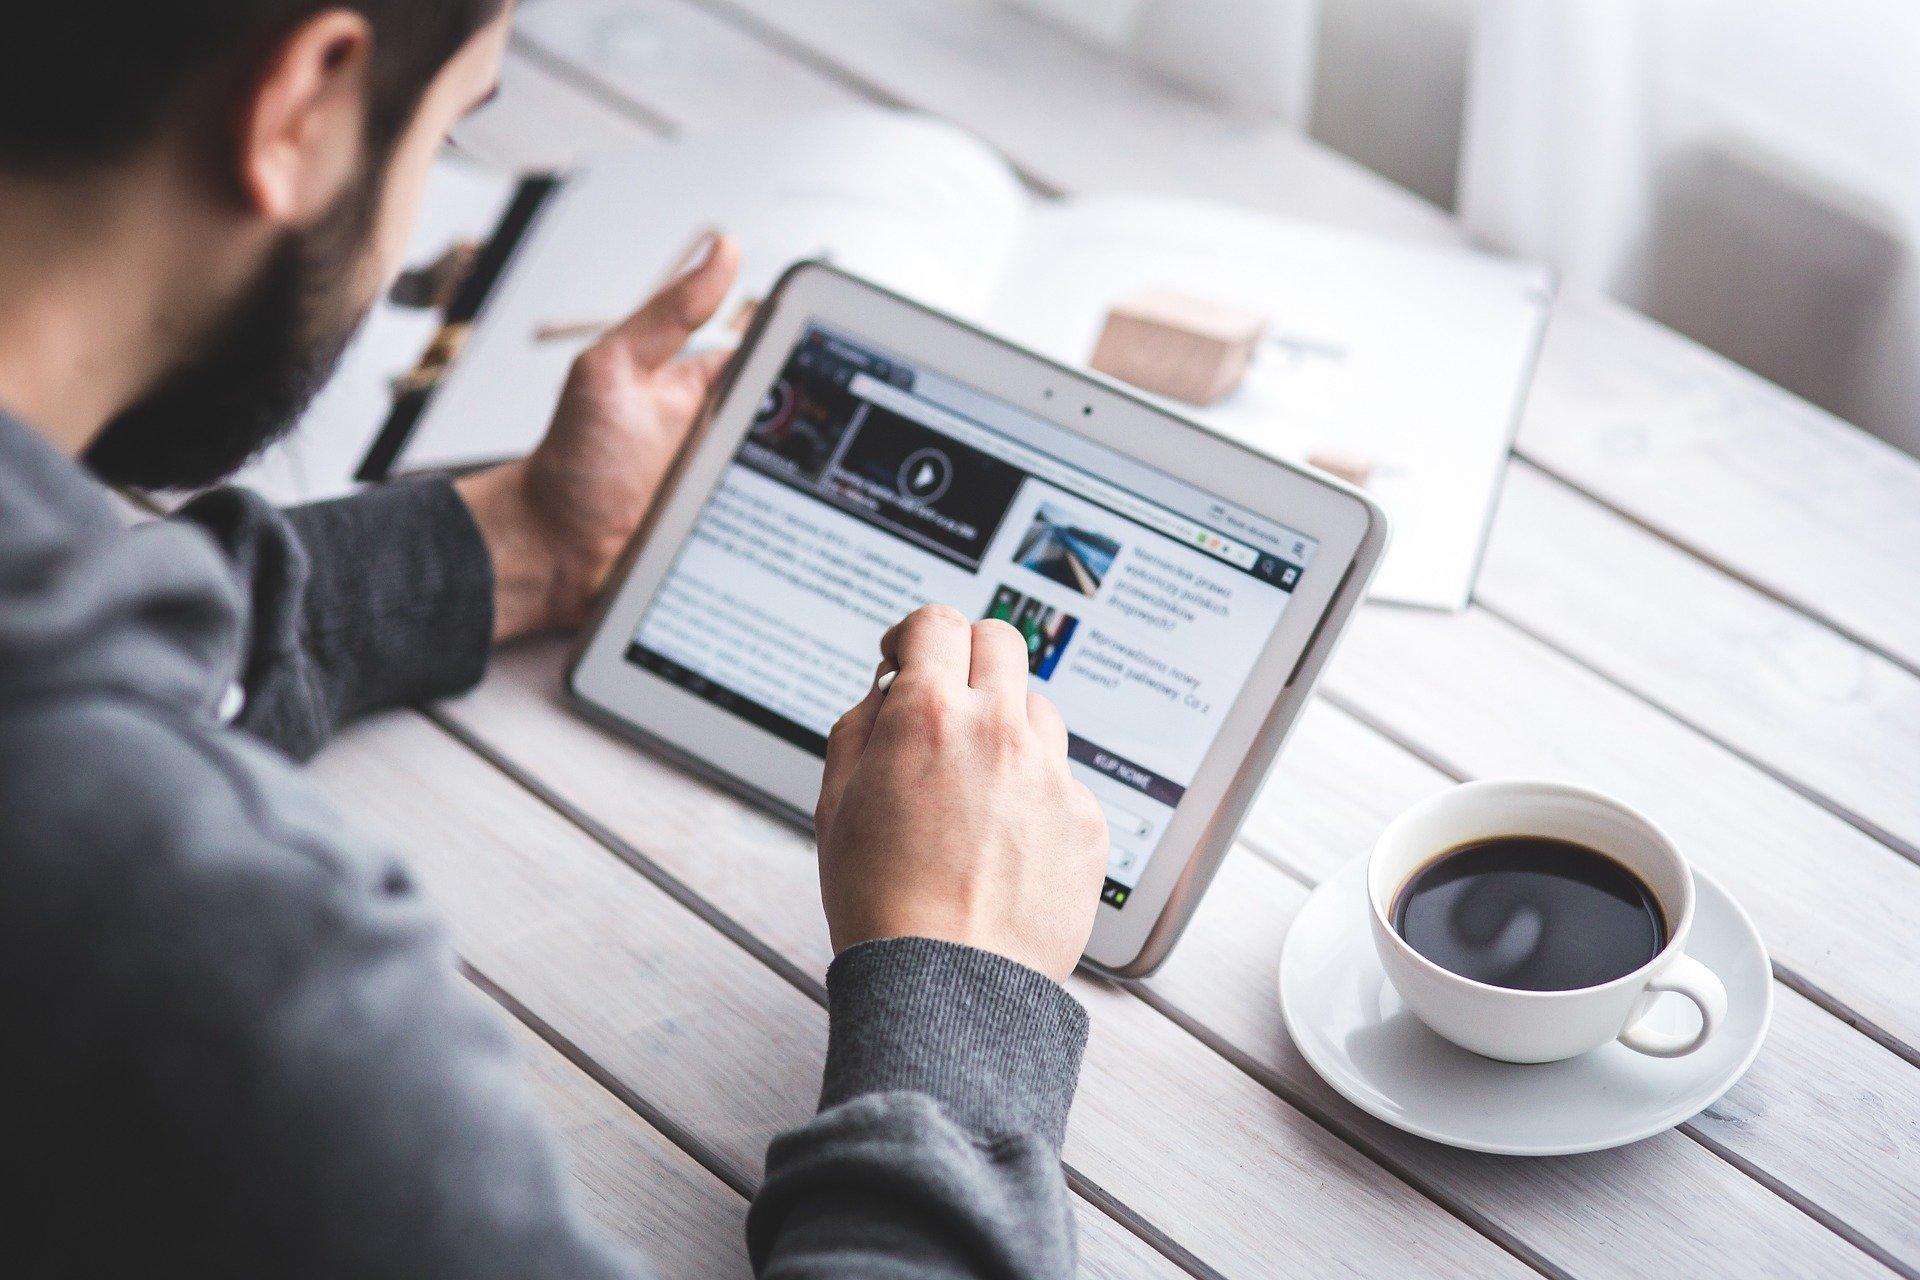 Imagem mostra um homem observando gráficos em um tablet.